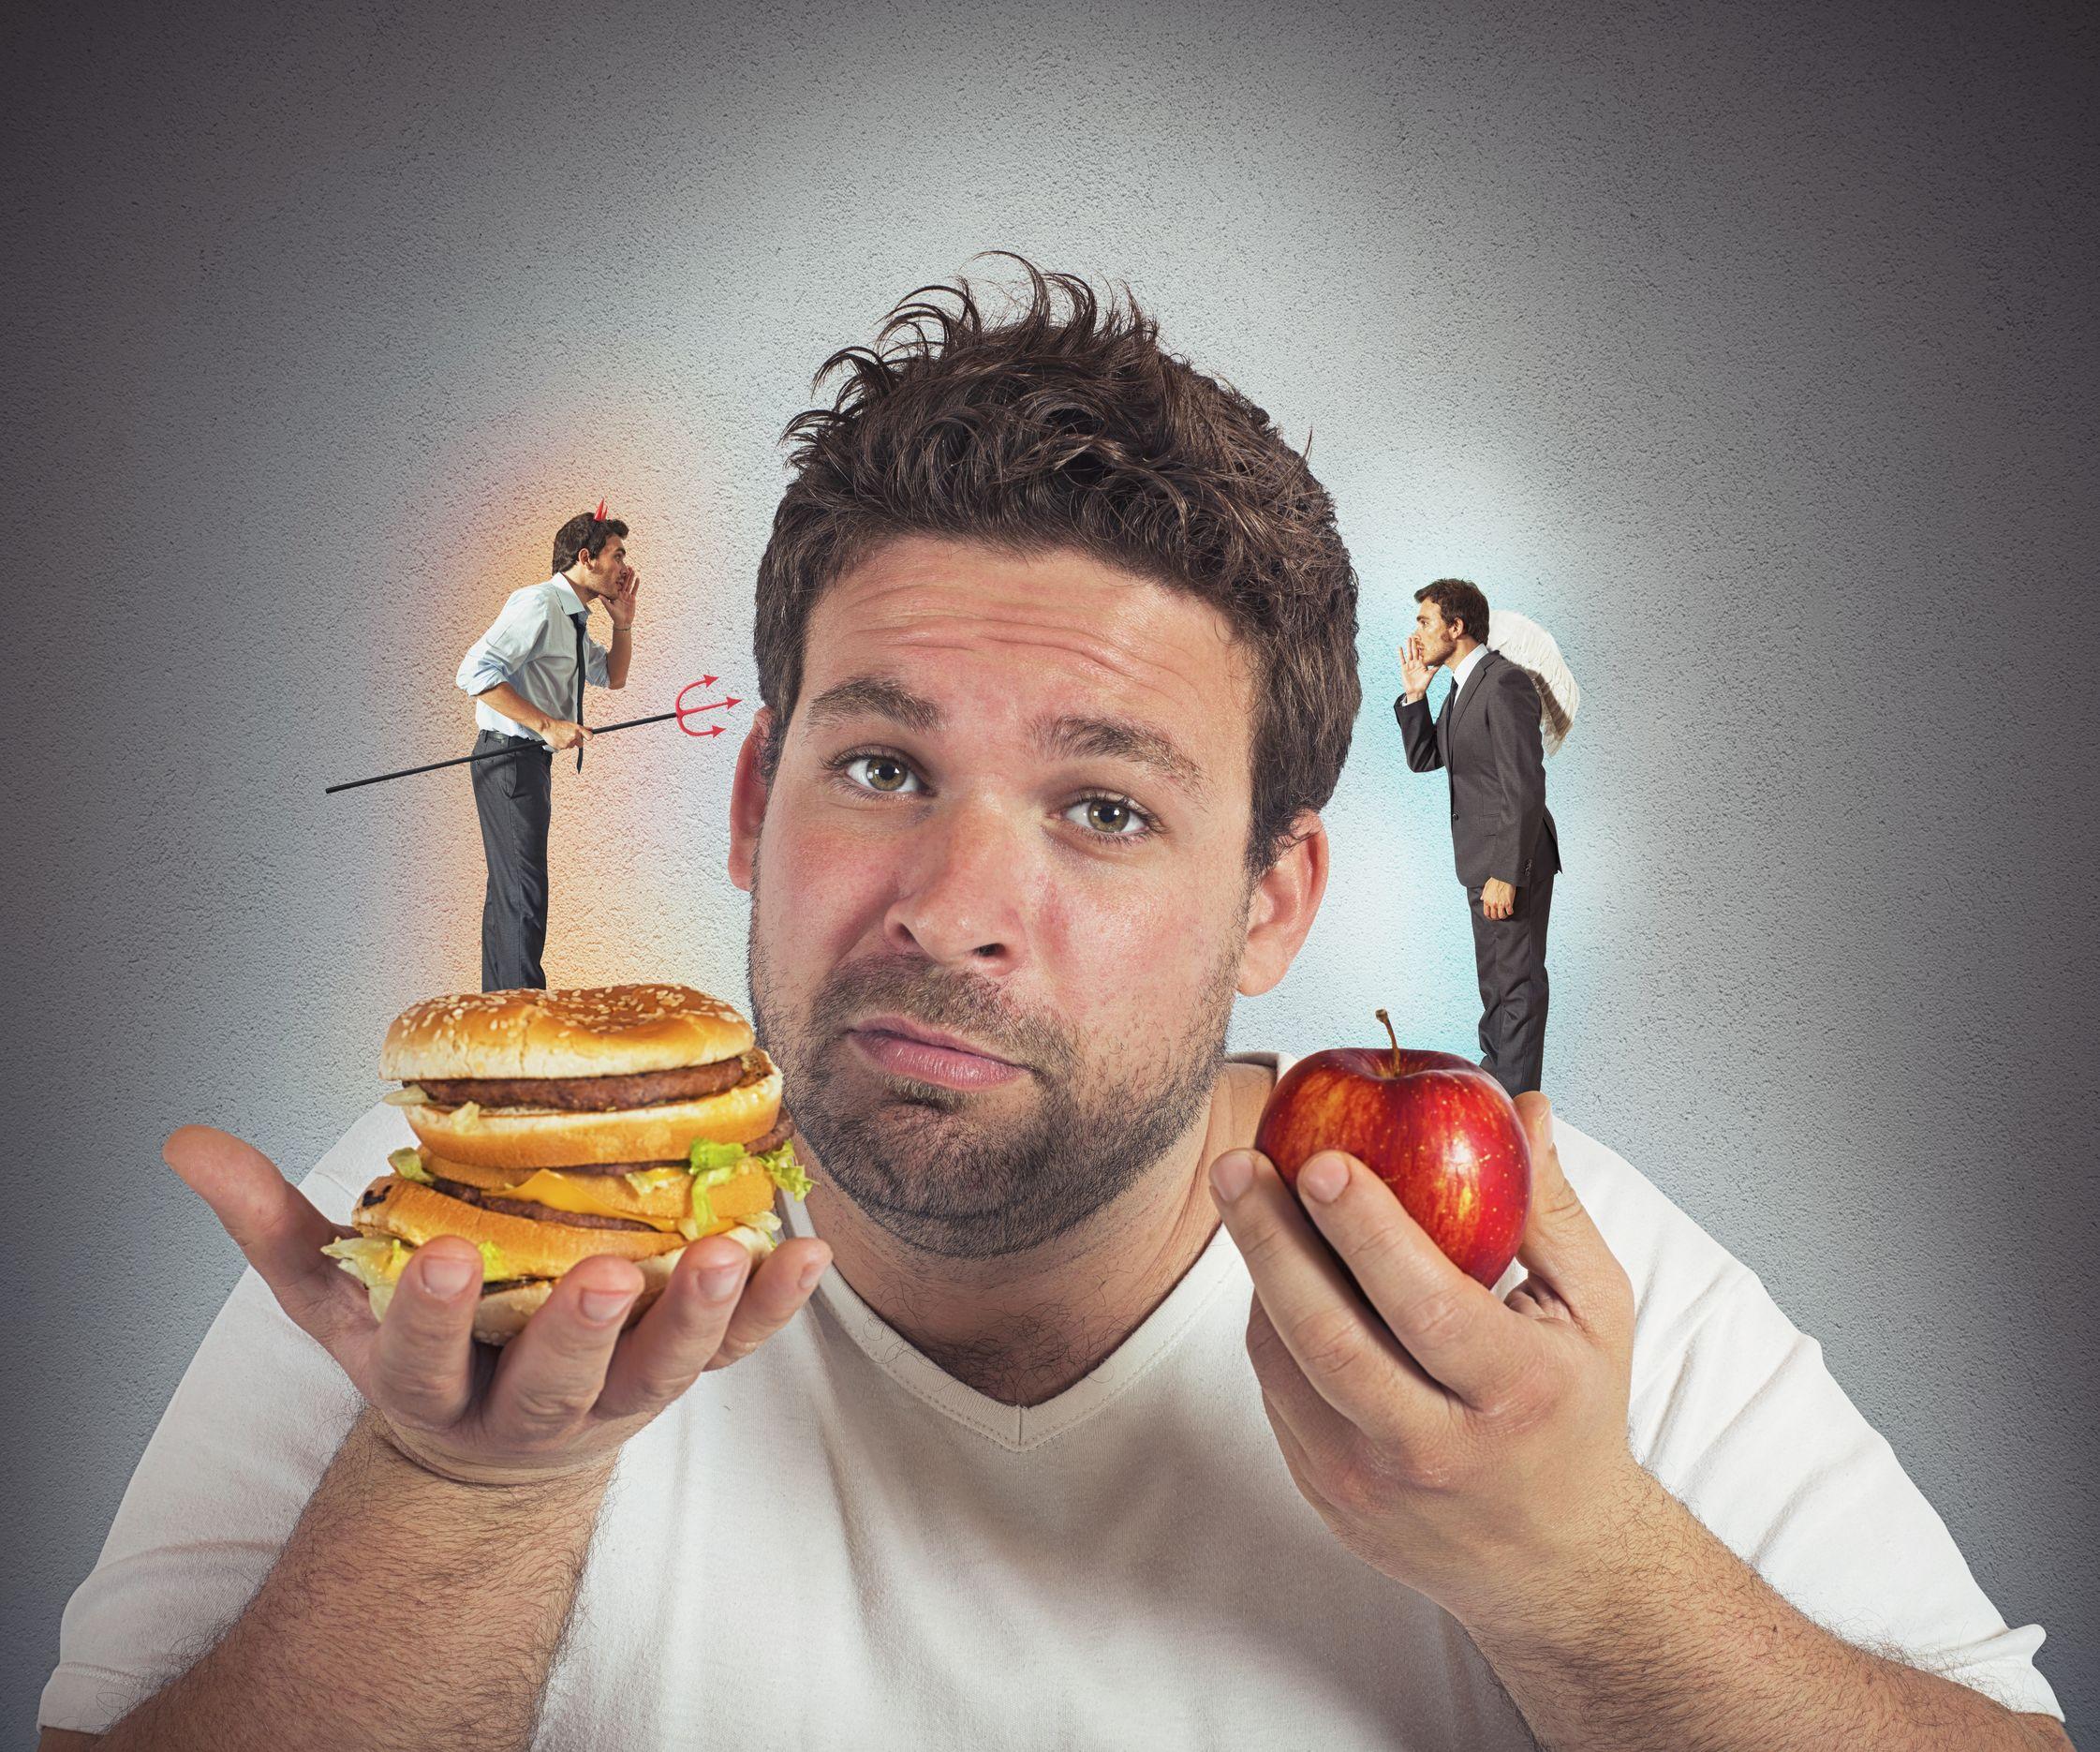 Fogyás hamburger - Fogyni segítséget